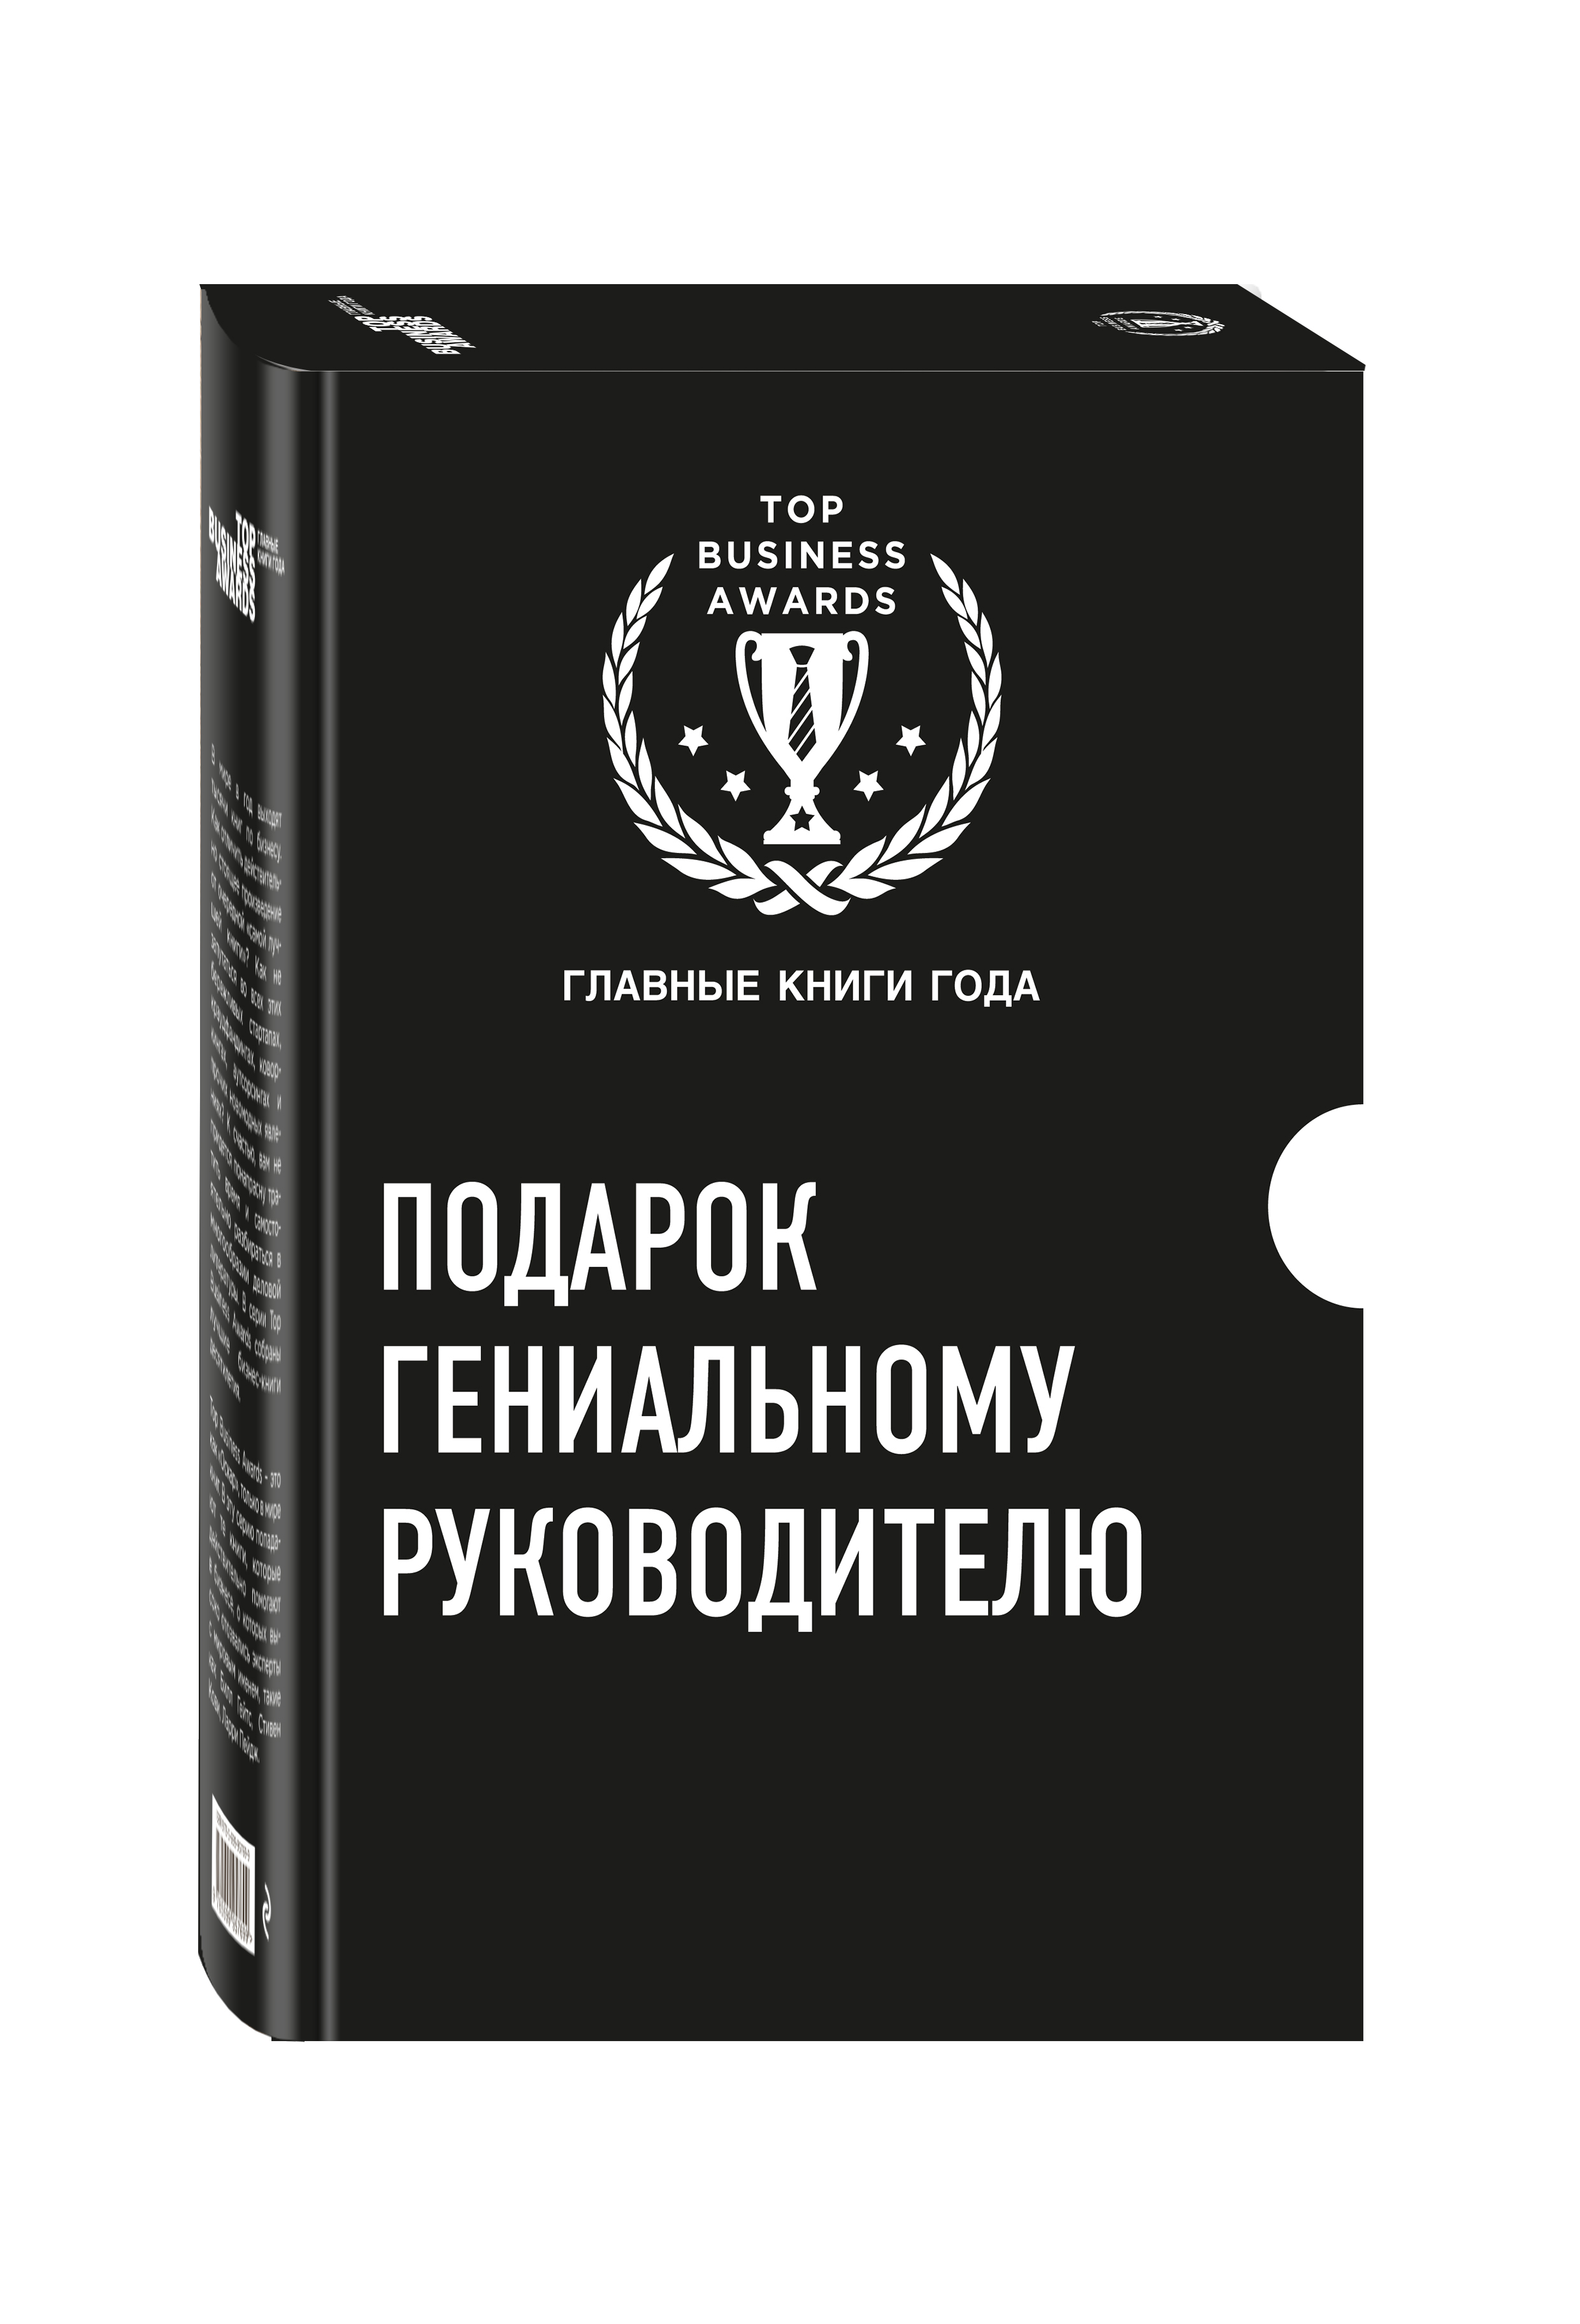 Подарок гениальному руководителю (новый) от book24.ru